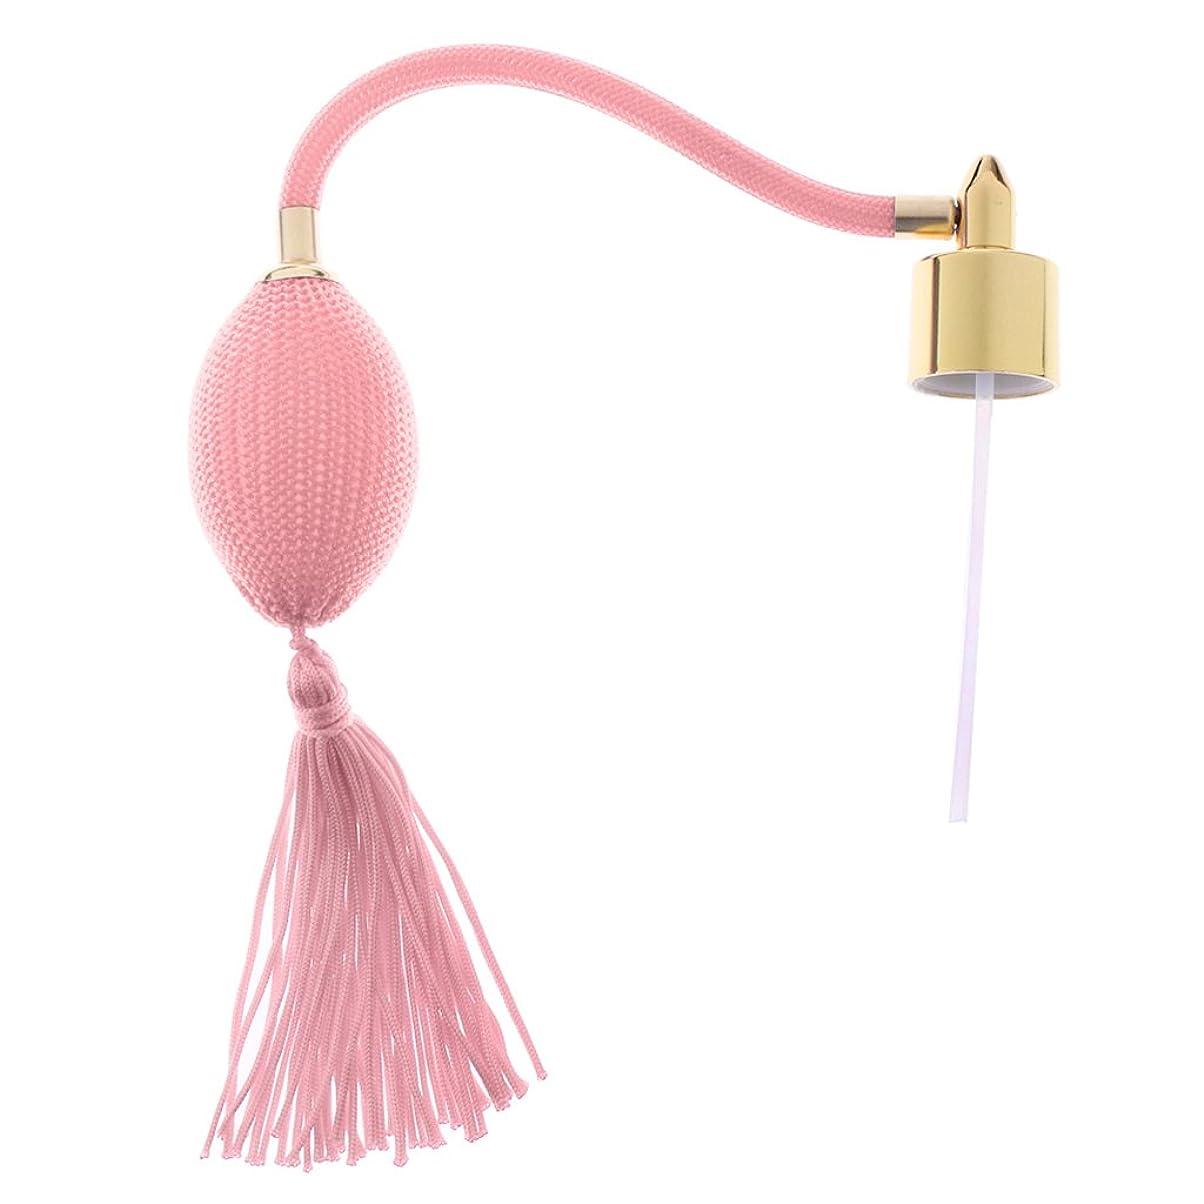 本会議アルプスながらFenteer ヴィンテージ 詰め替え可能 香水ボトル アトマイザー パフバルブ チューブ 交換パーツ 18mm 全5色 - ピンク